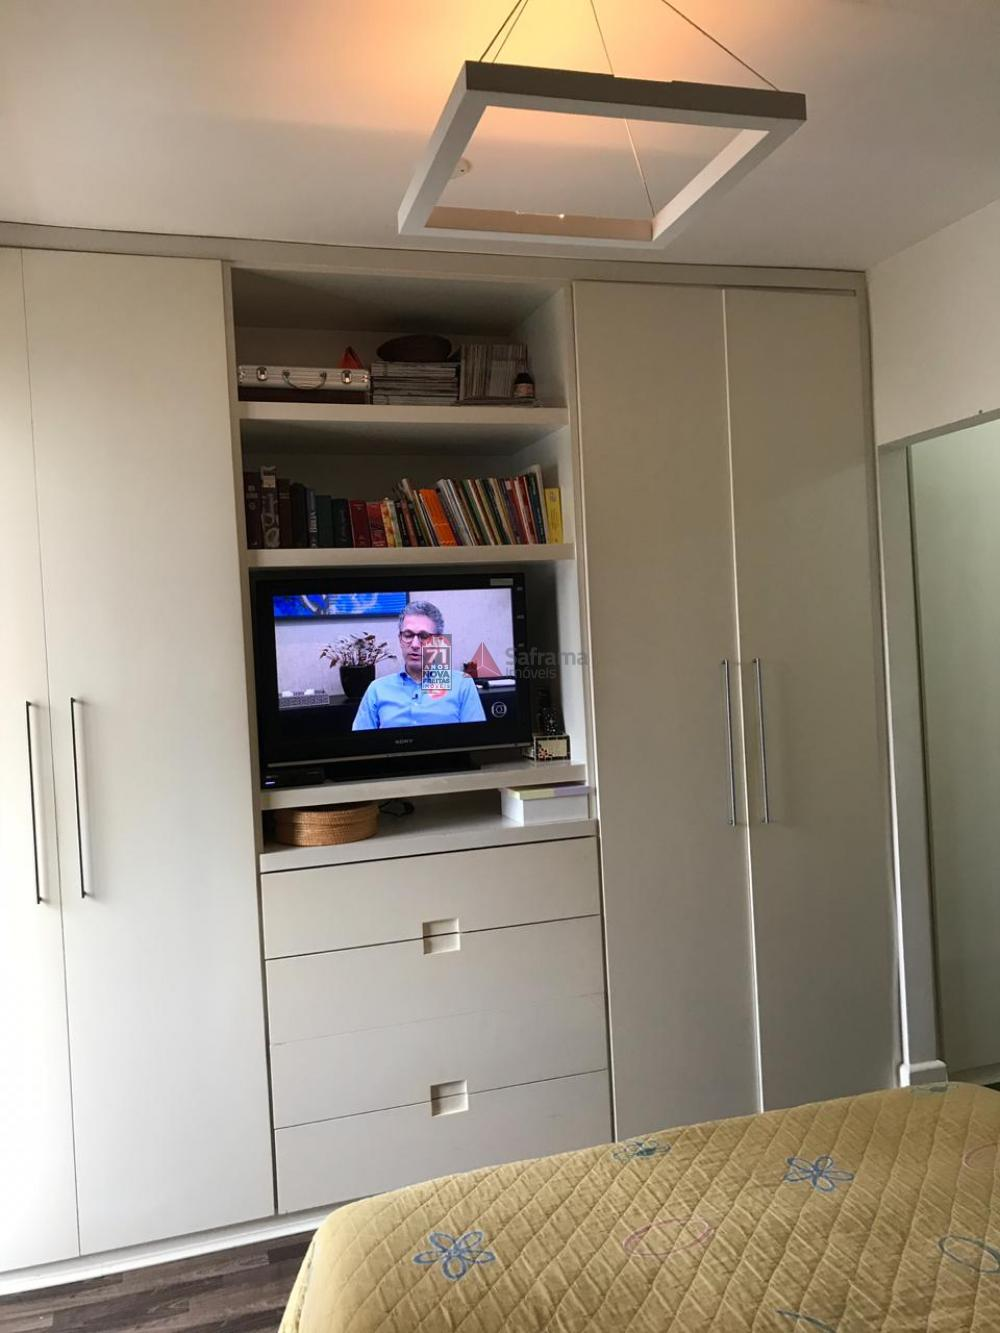 Comprar Apartamento / Padrão em São José dos Campos apenas R$ 795.000,00 - Foto 19